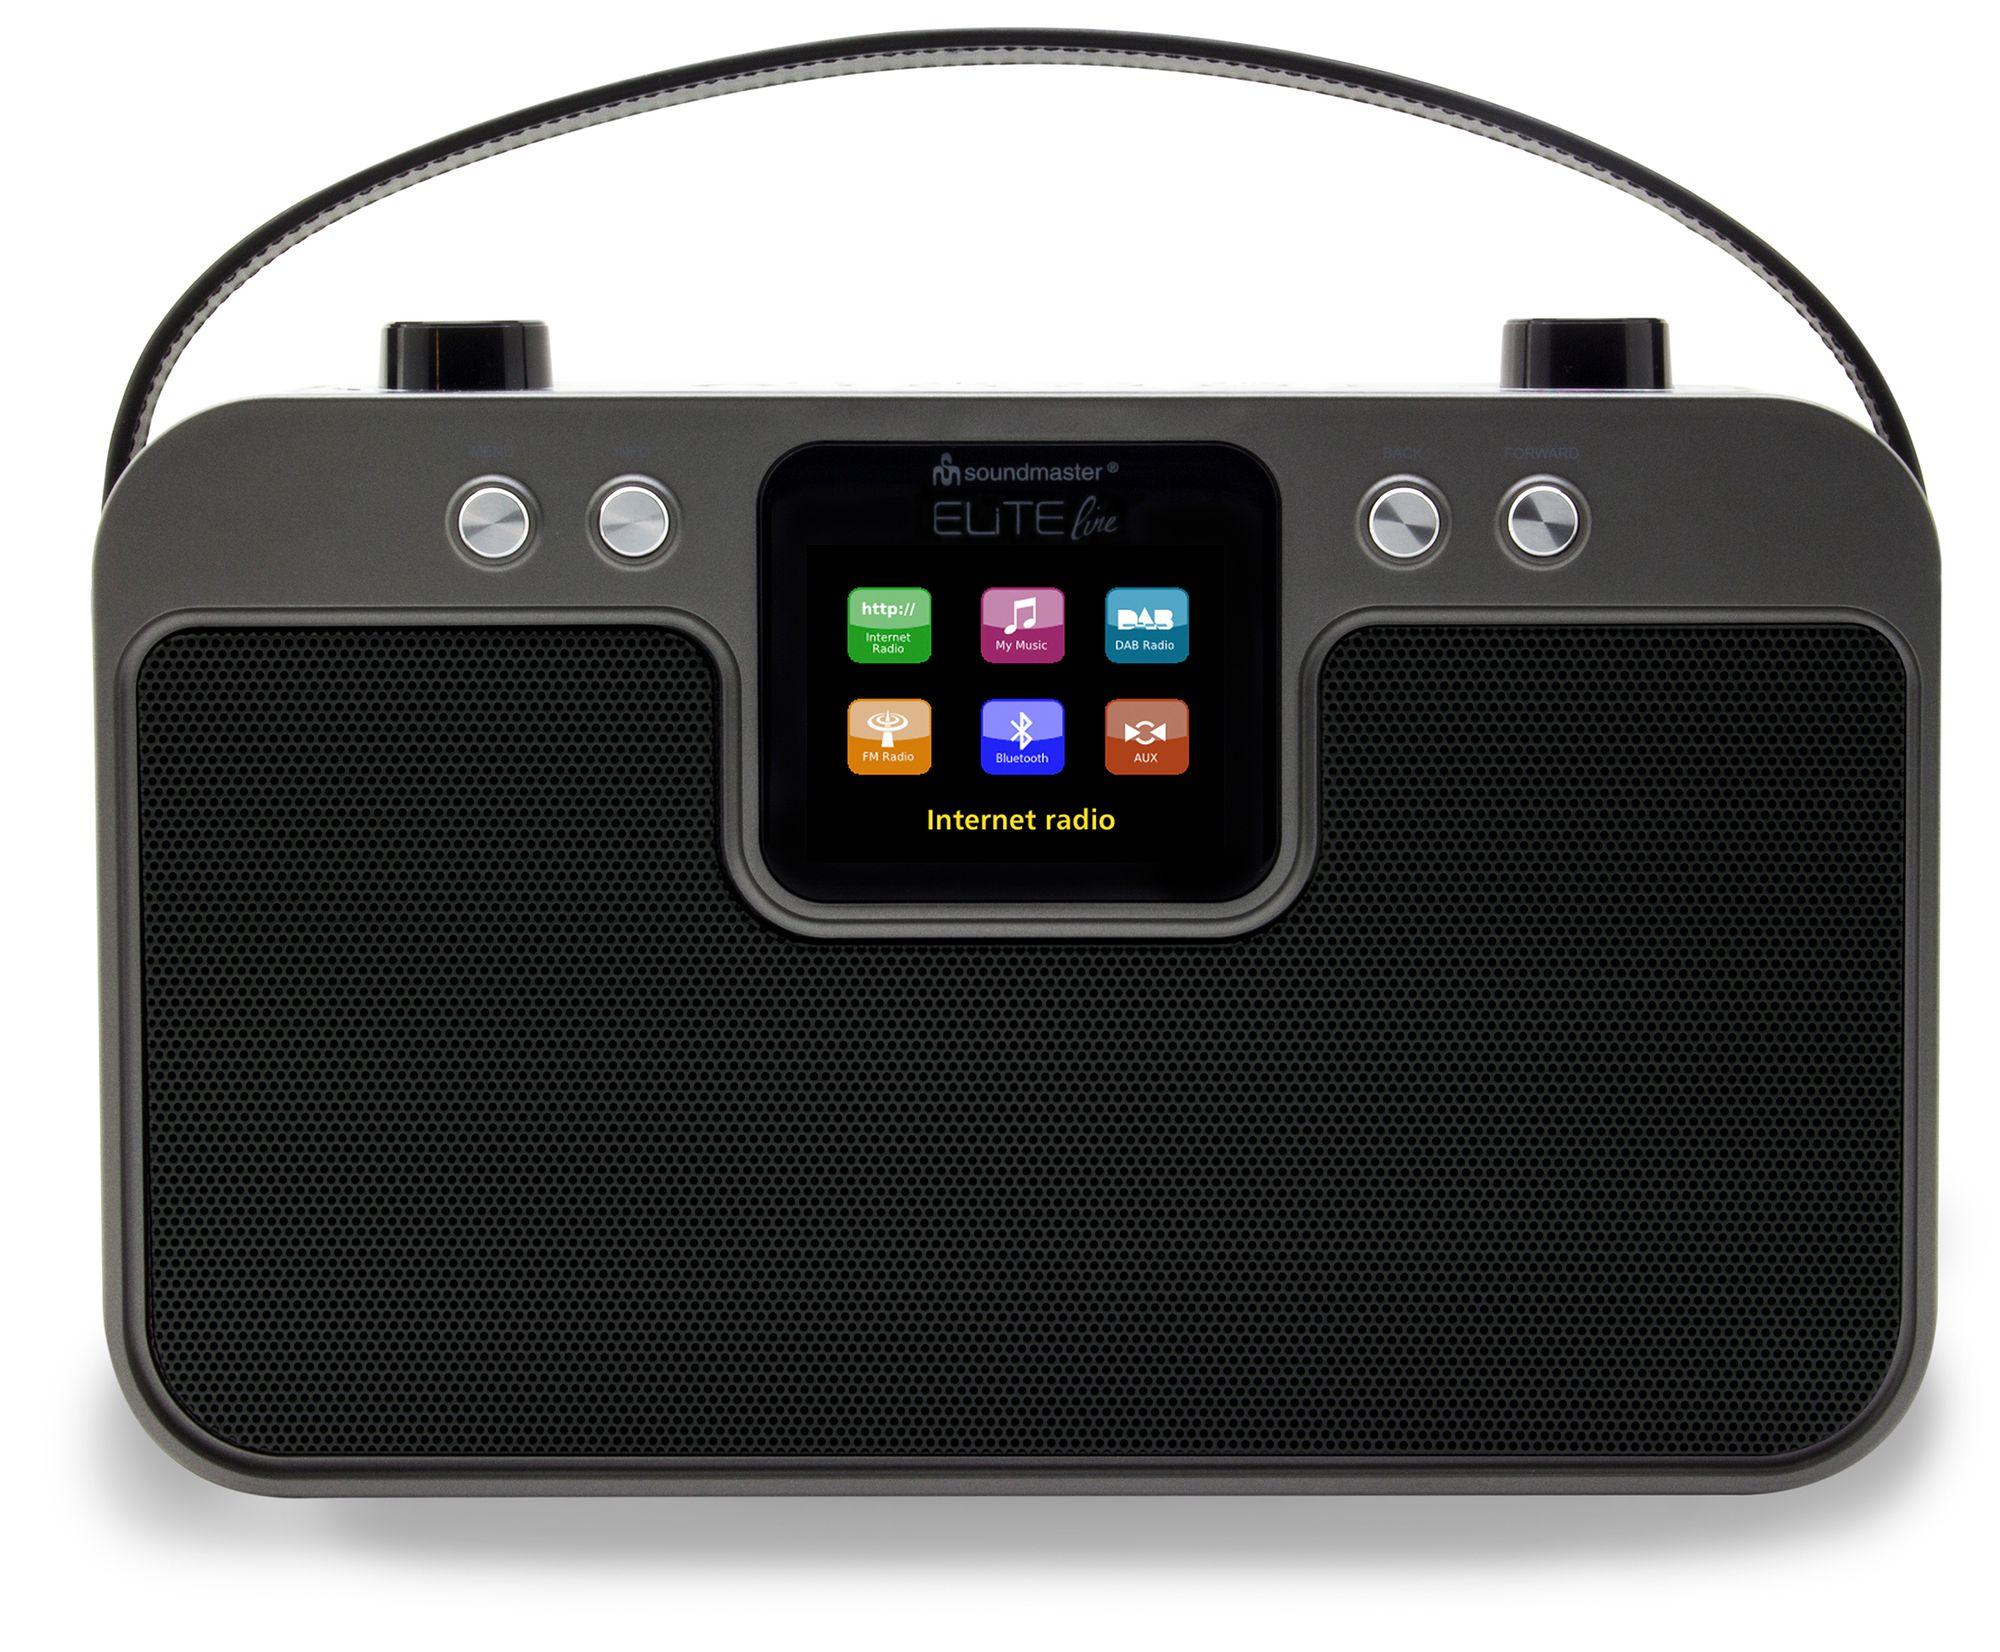 IR4400SW Bluetooth / DAB / Internet Internet